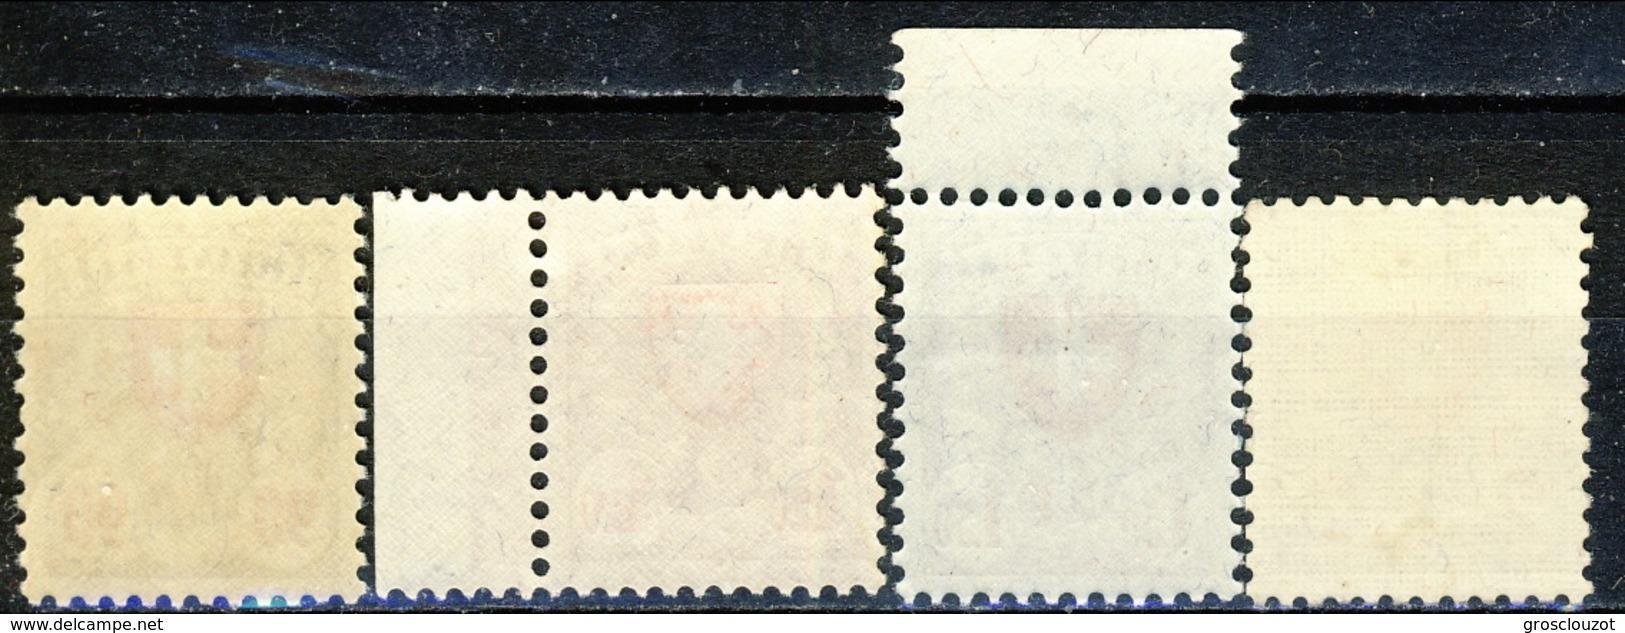 Svizzera 1933 - 34 Serie N. 208A-211A Croce E Scudo, Carta Patinata Goffrata (geriffelt) MNH LUX Cat. € 495 - Svizzera